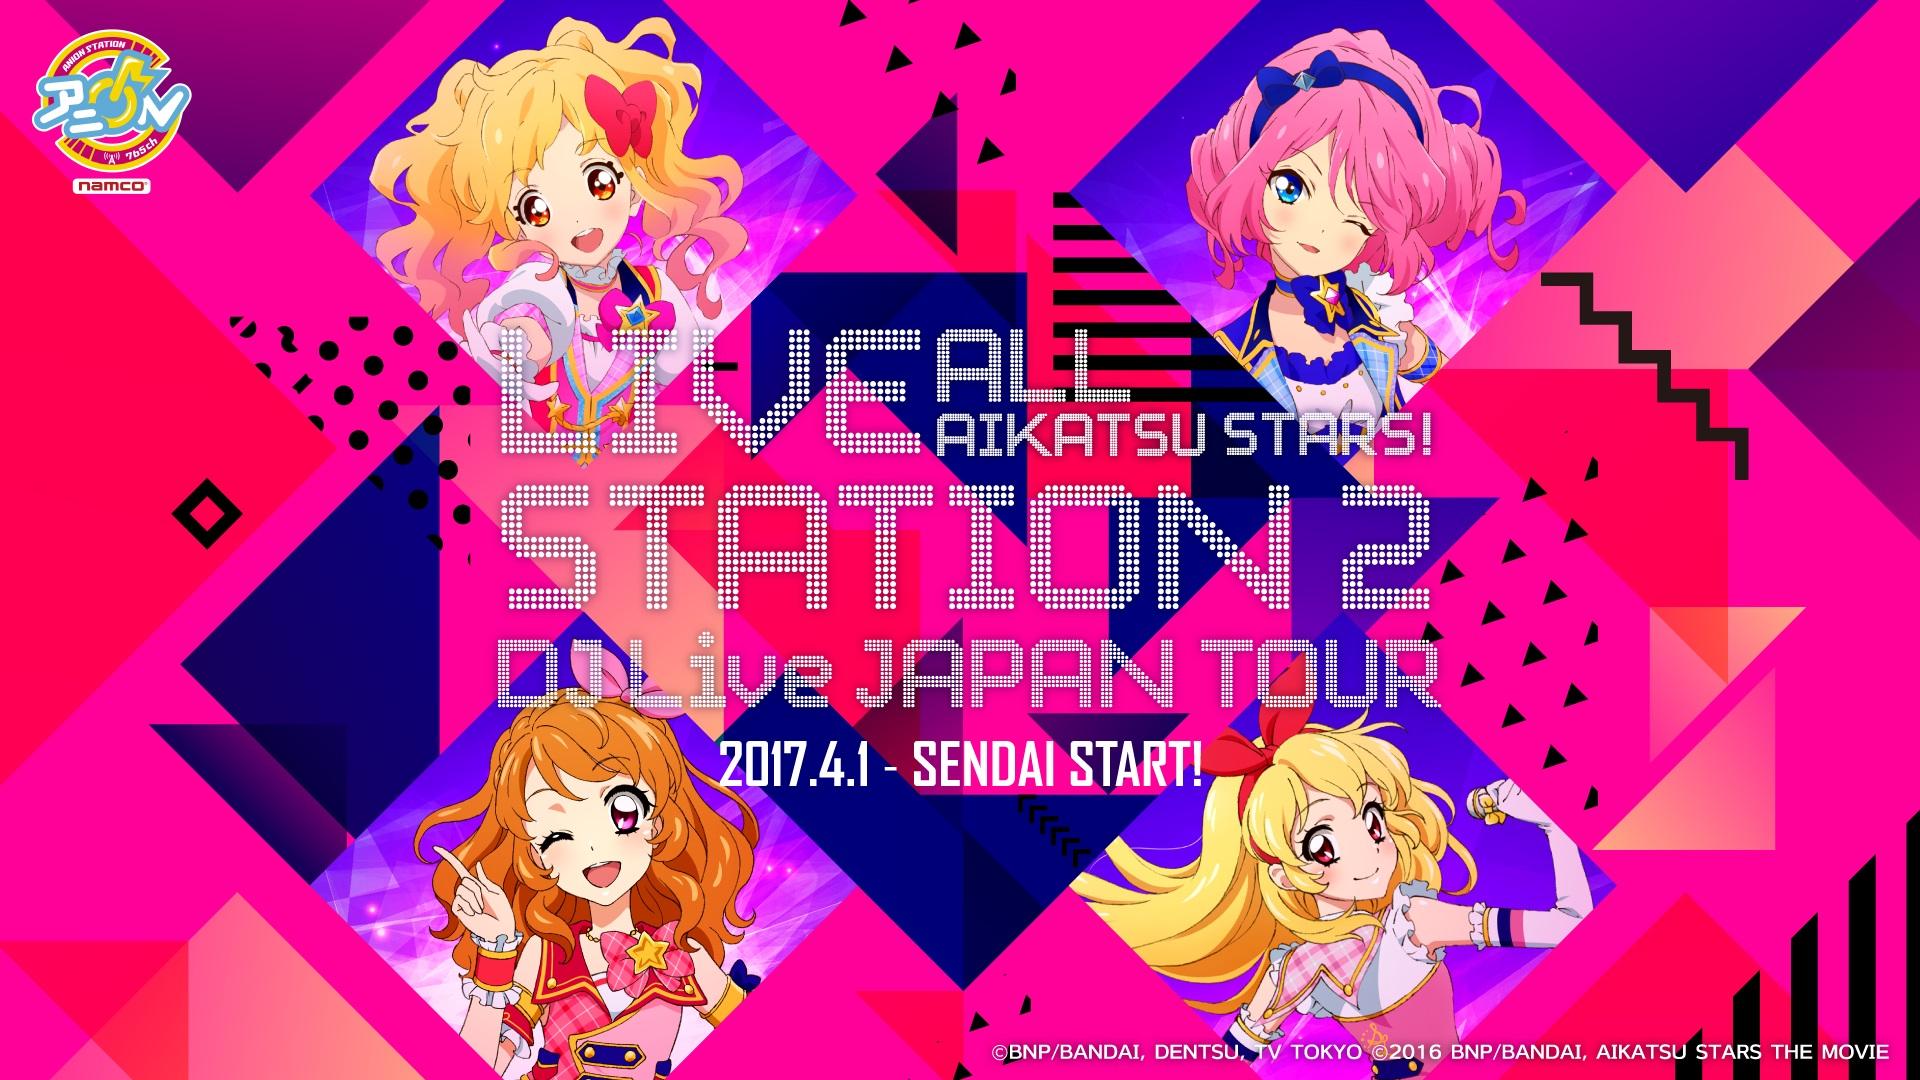 Aikatsu Stars page 5 of 12